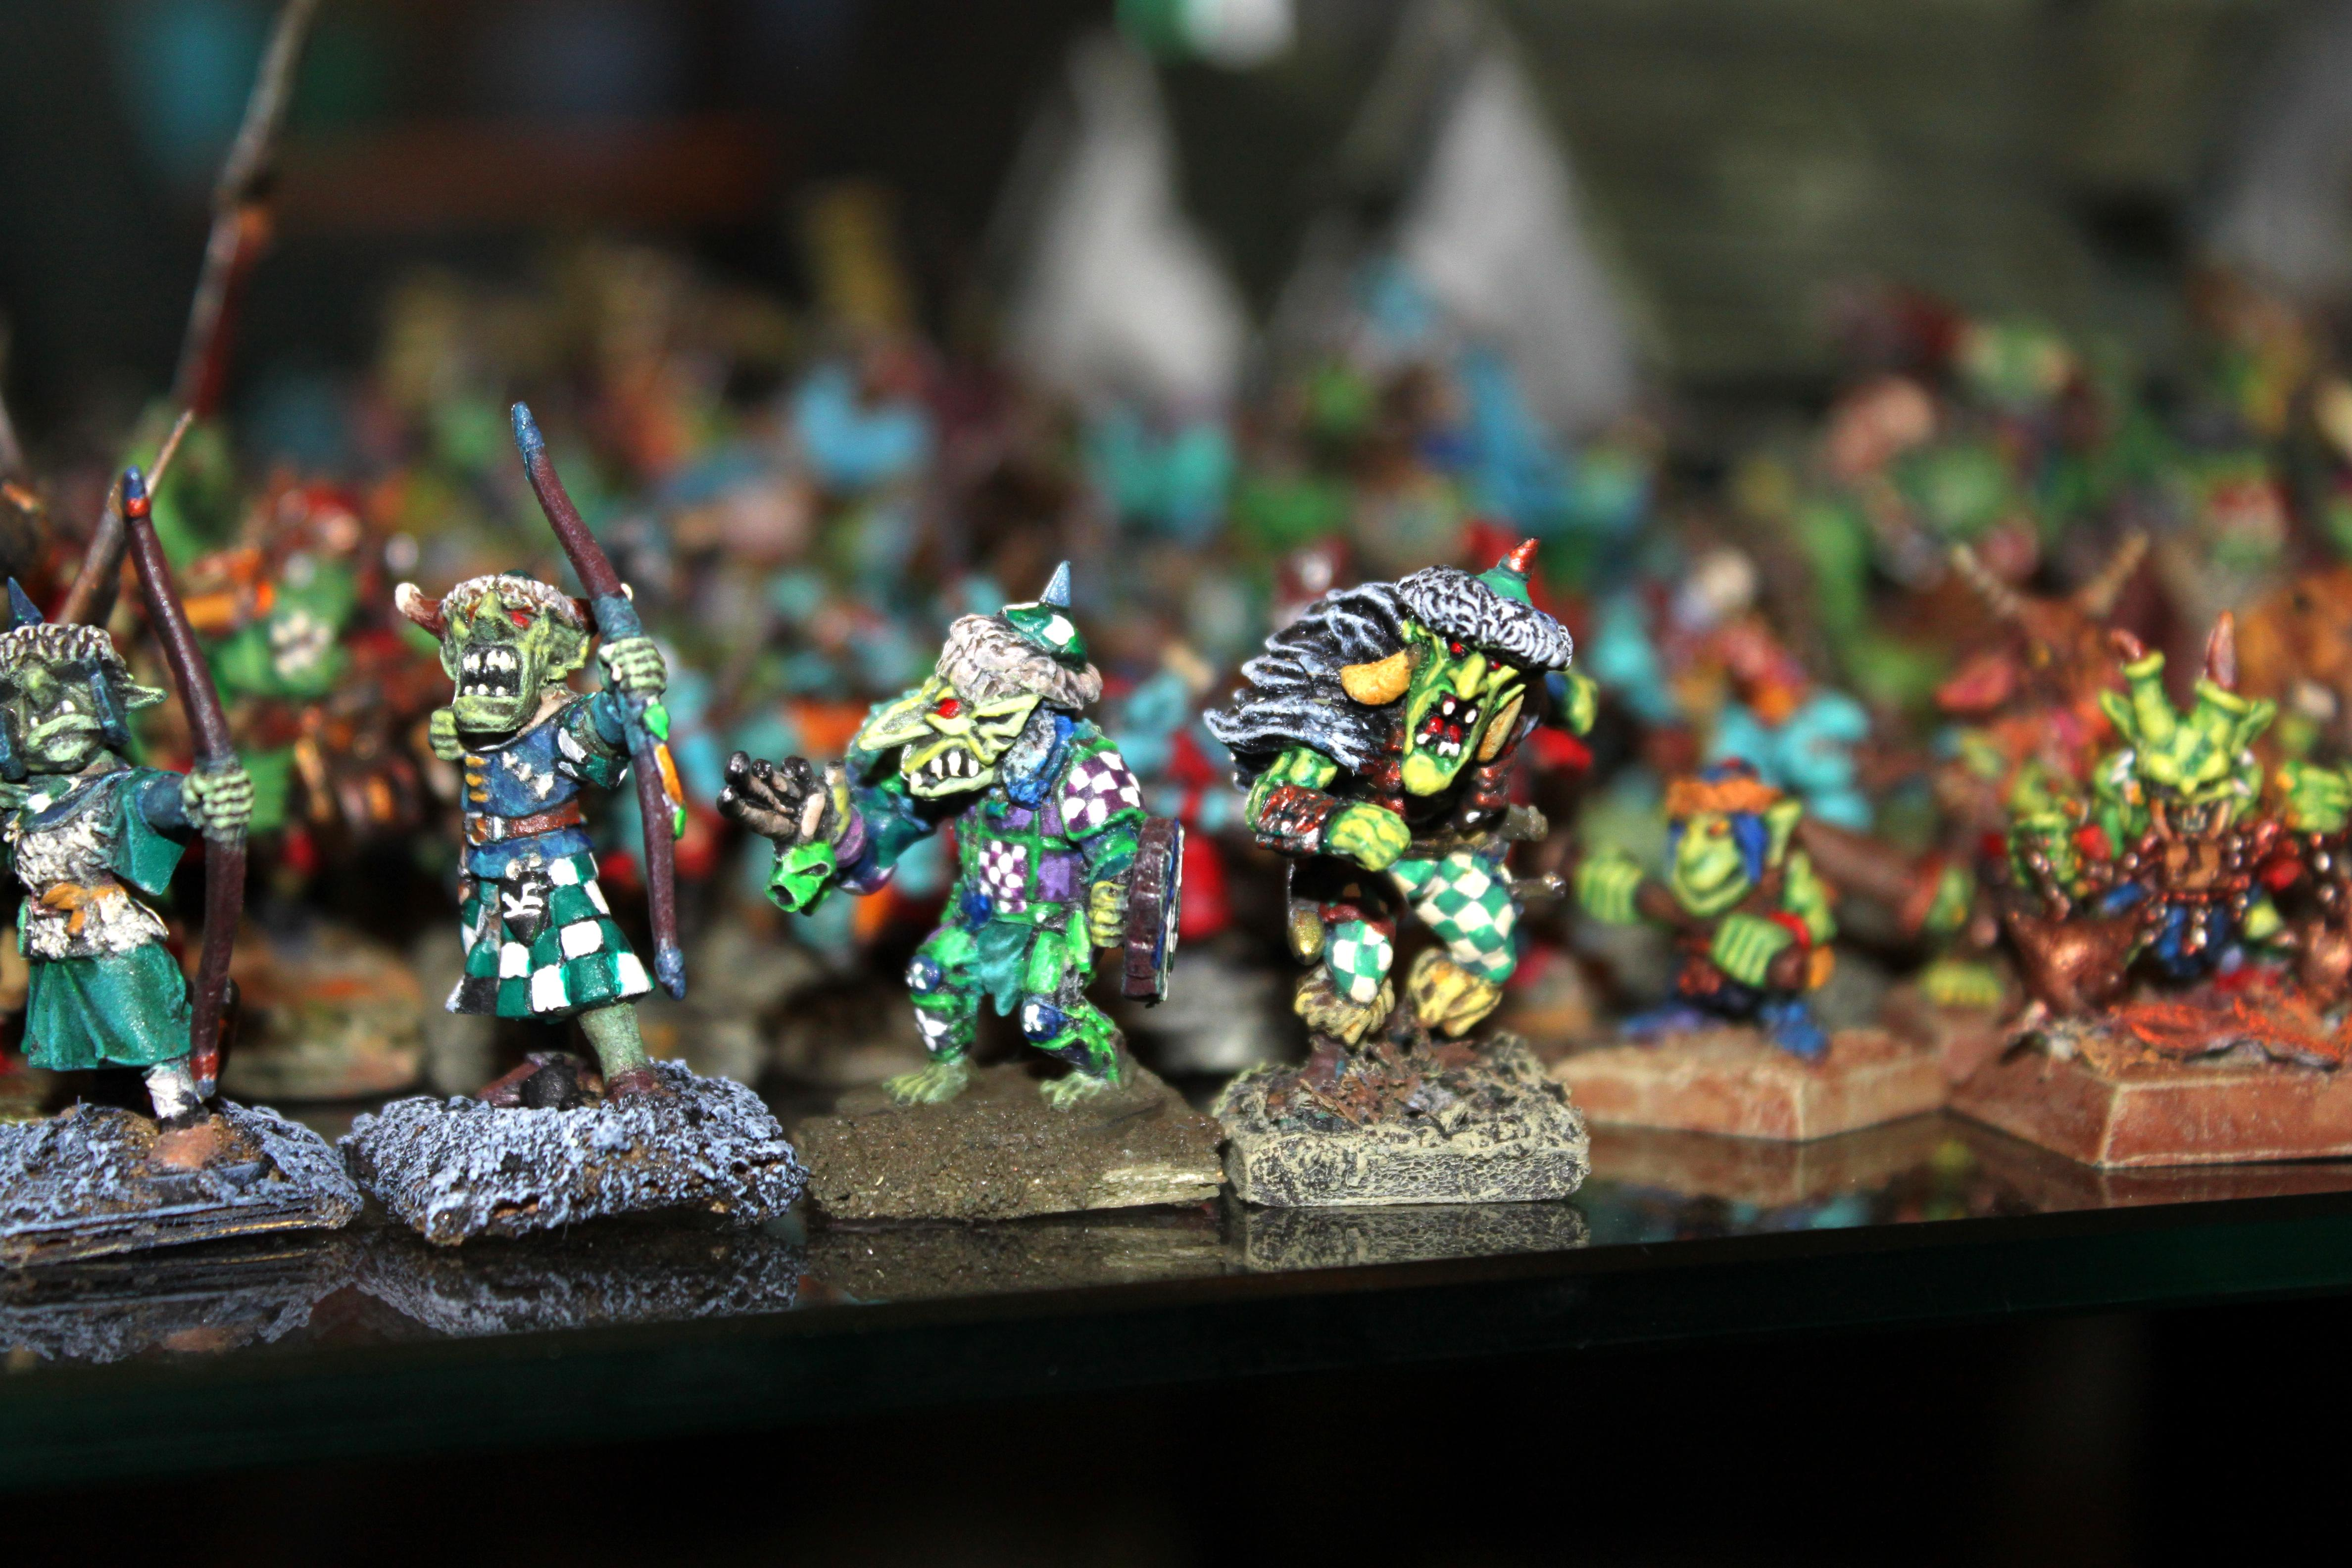 Chaos Dwarf, Conversion, Goblins, Hobgoblin, Mordheim, Orcs, Spider, Warhammer Fantasy, Wfb